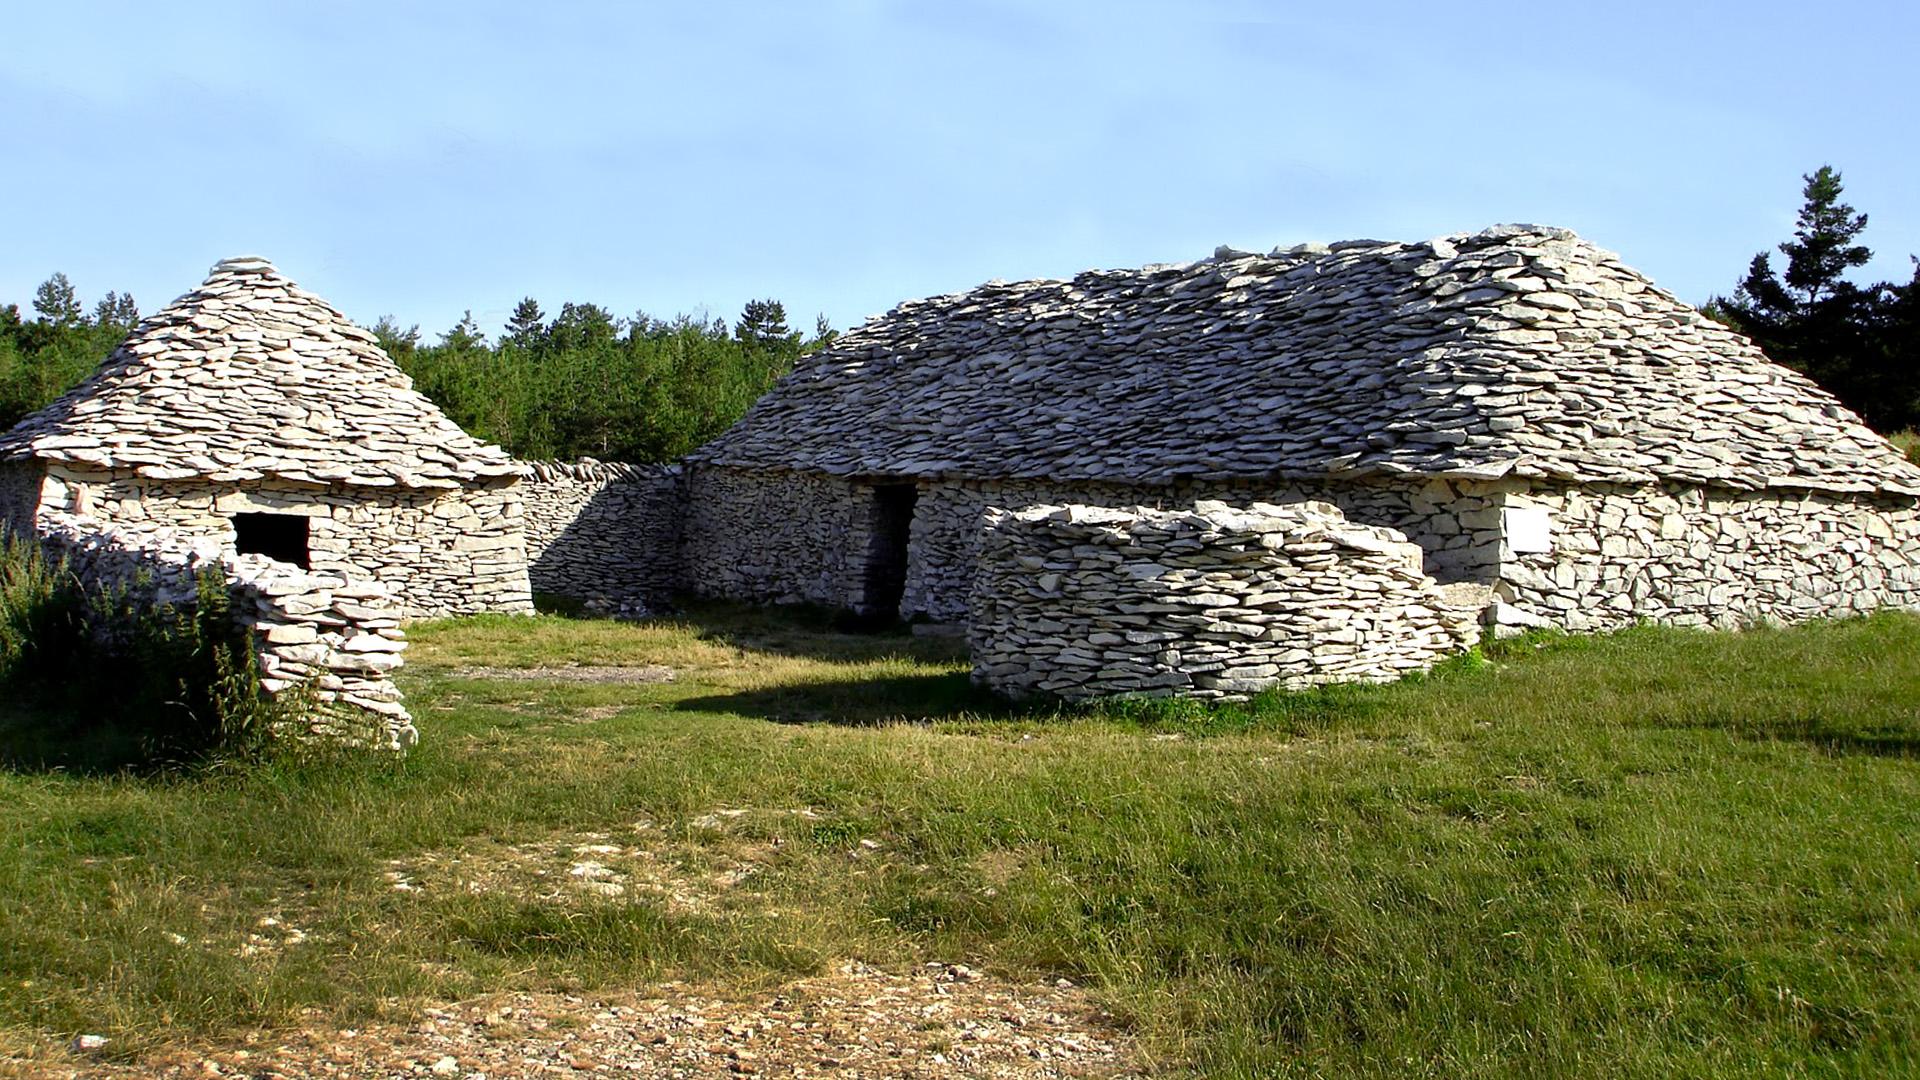 Le Cantadour et ses bergerie de pierre sèche